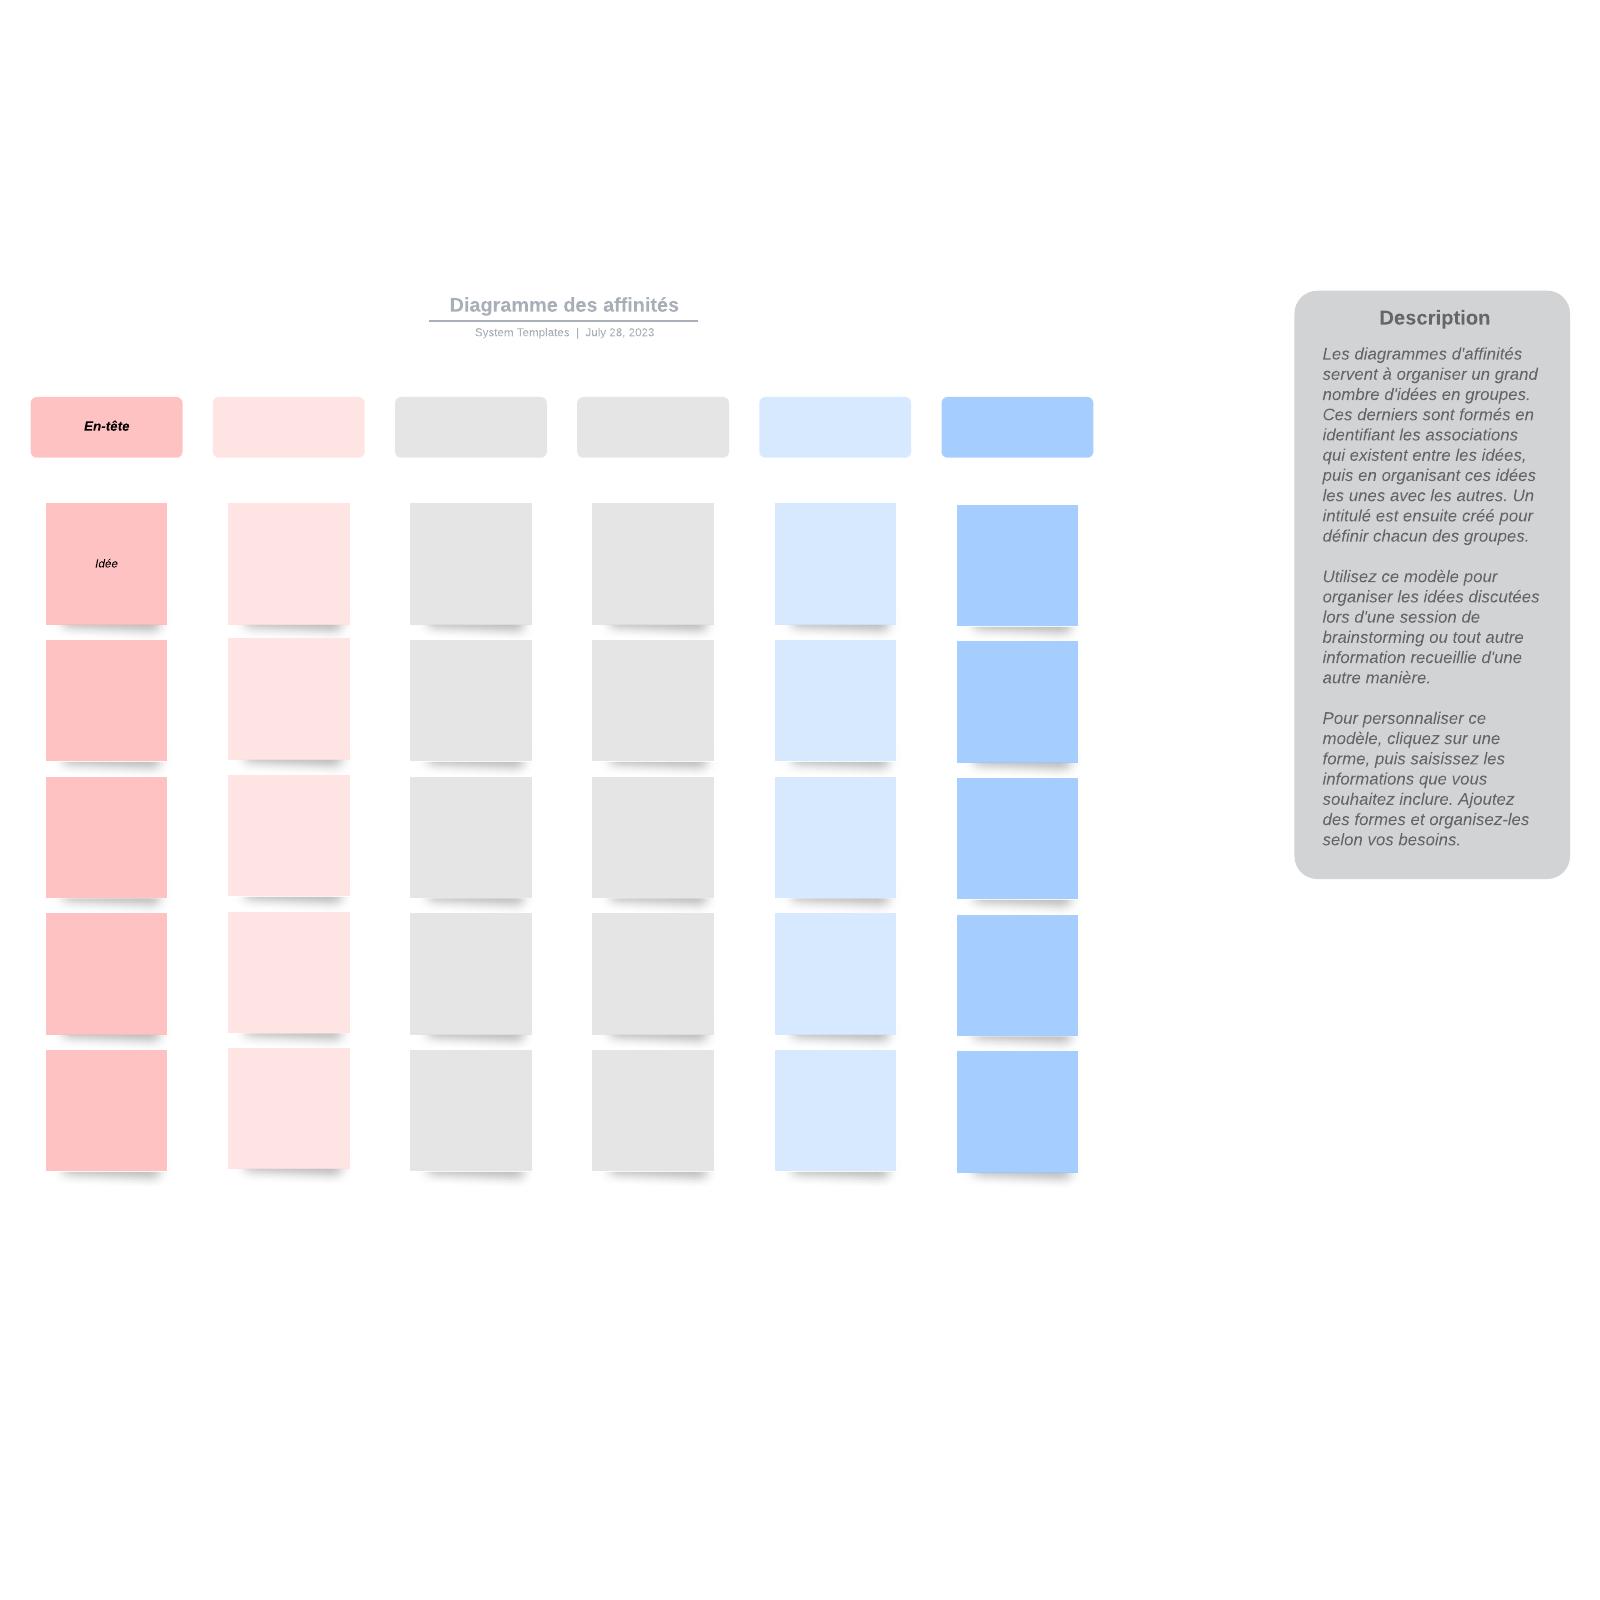 exemple de diagramme des affinités vierge